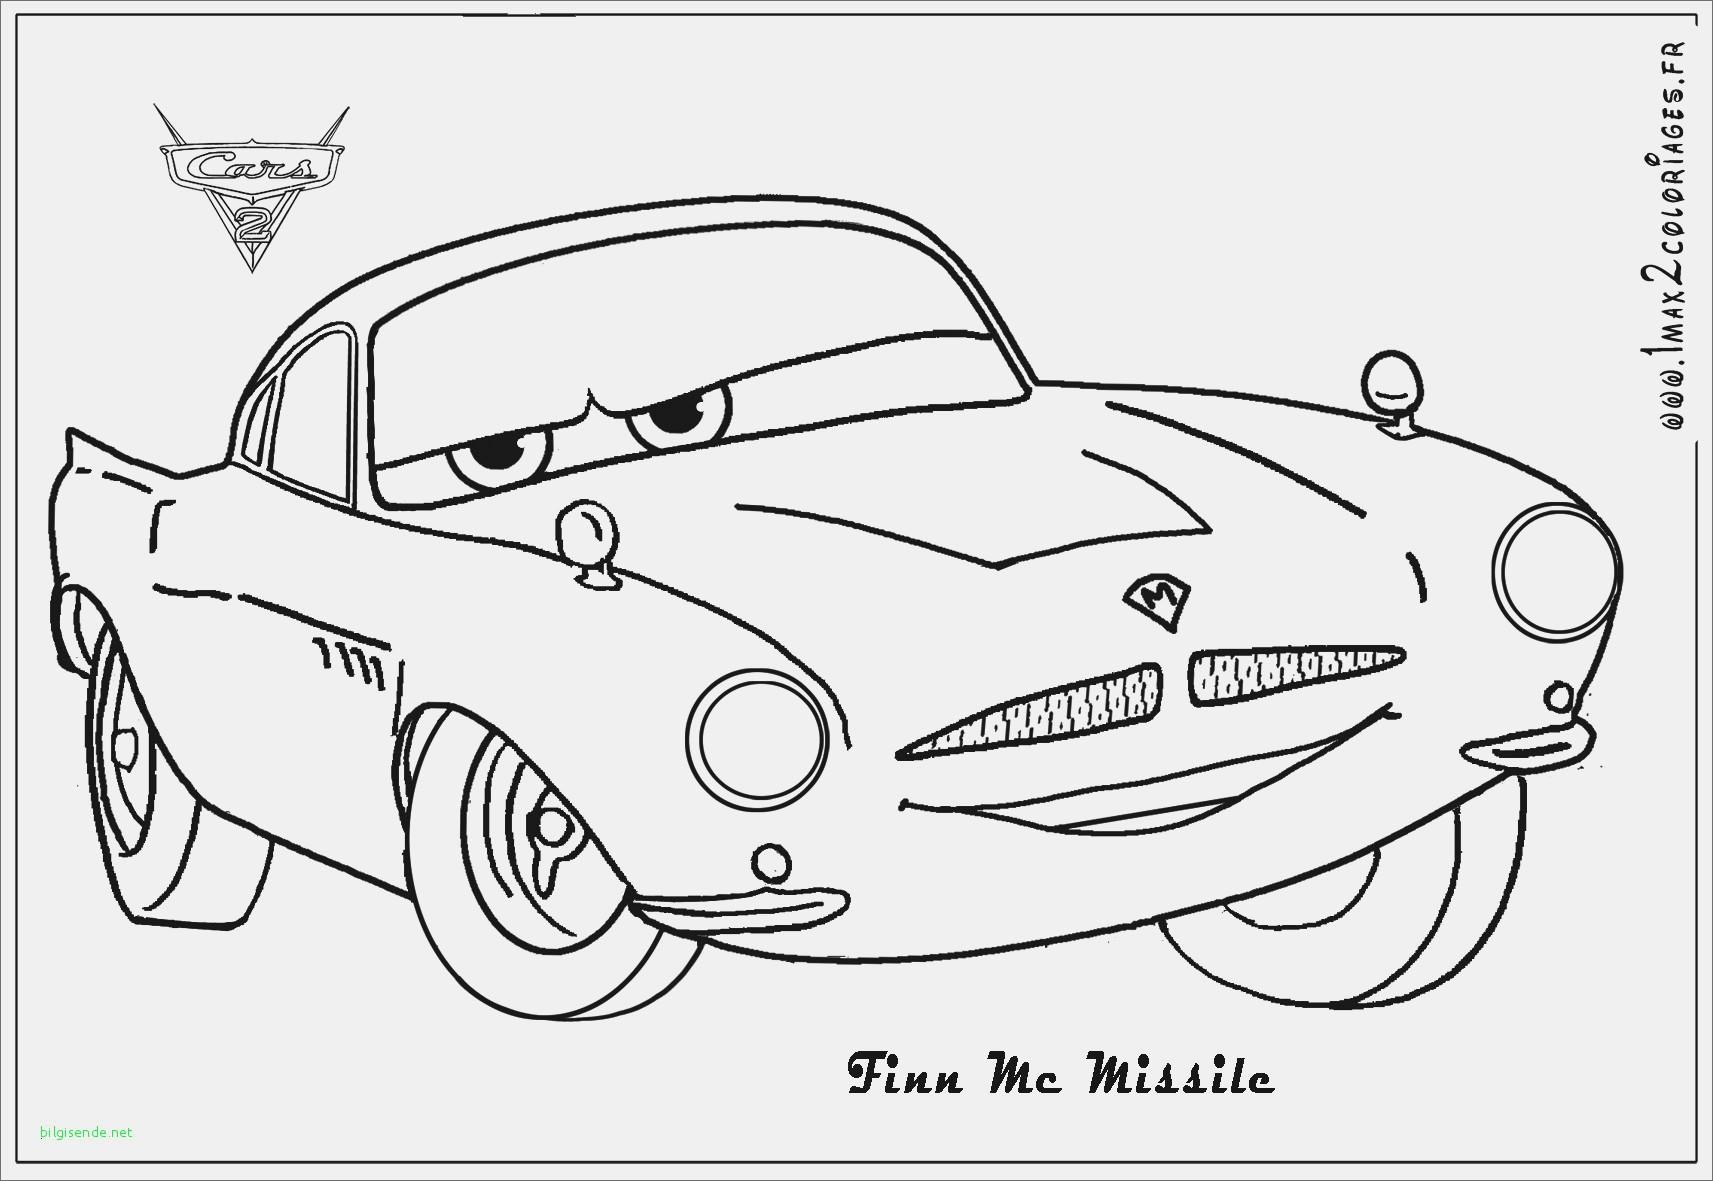 Micky Maus Bilder Zum Ausmalen Einzigartig Lkw Malvorlagen Kostenlos Verschiedene Bilder Färben 37 Ausmalbilder Das Bild